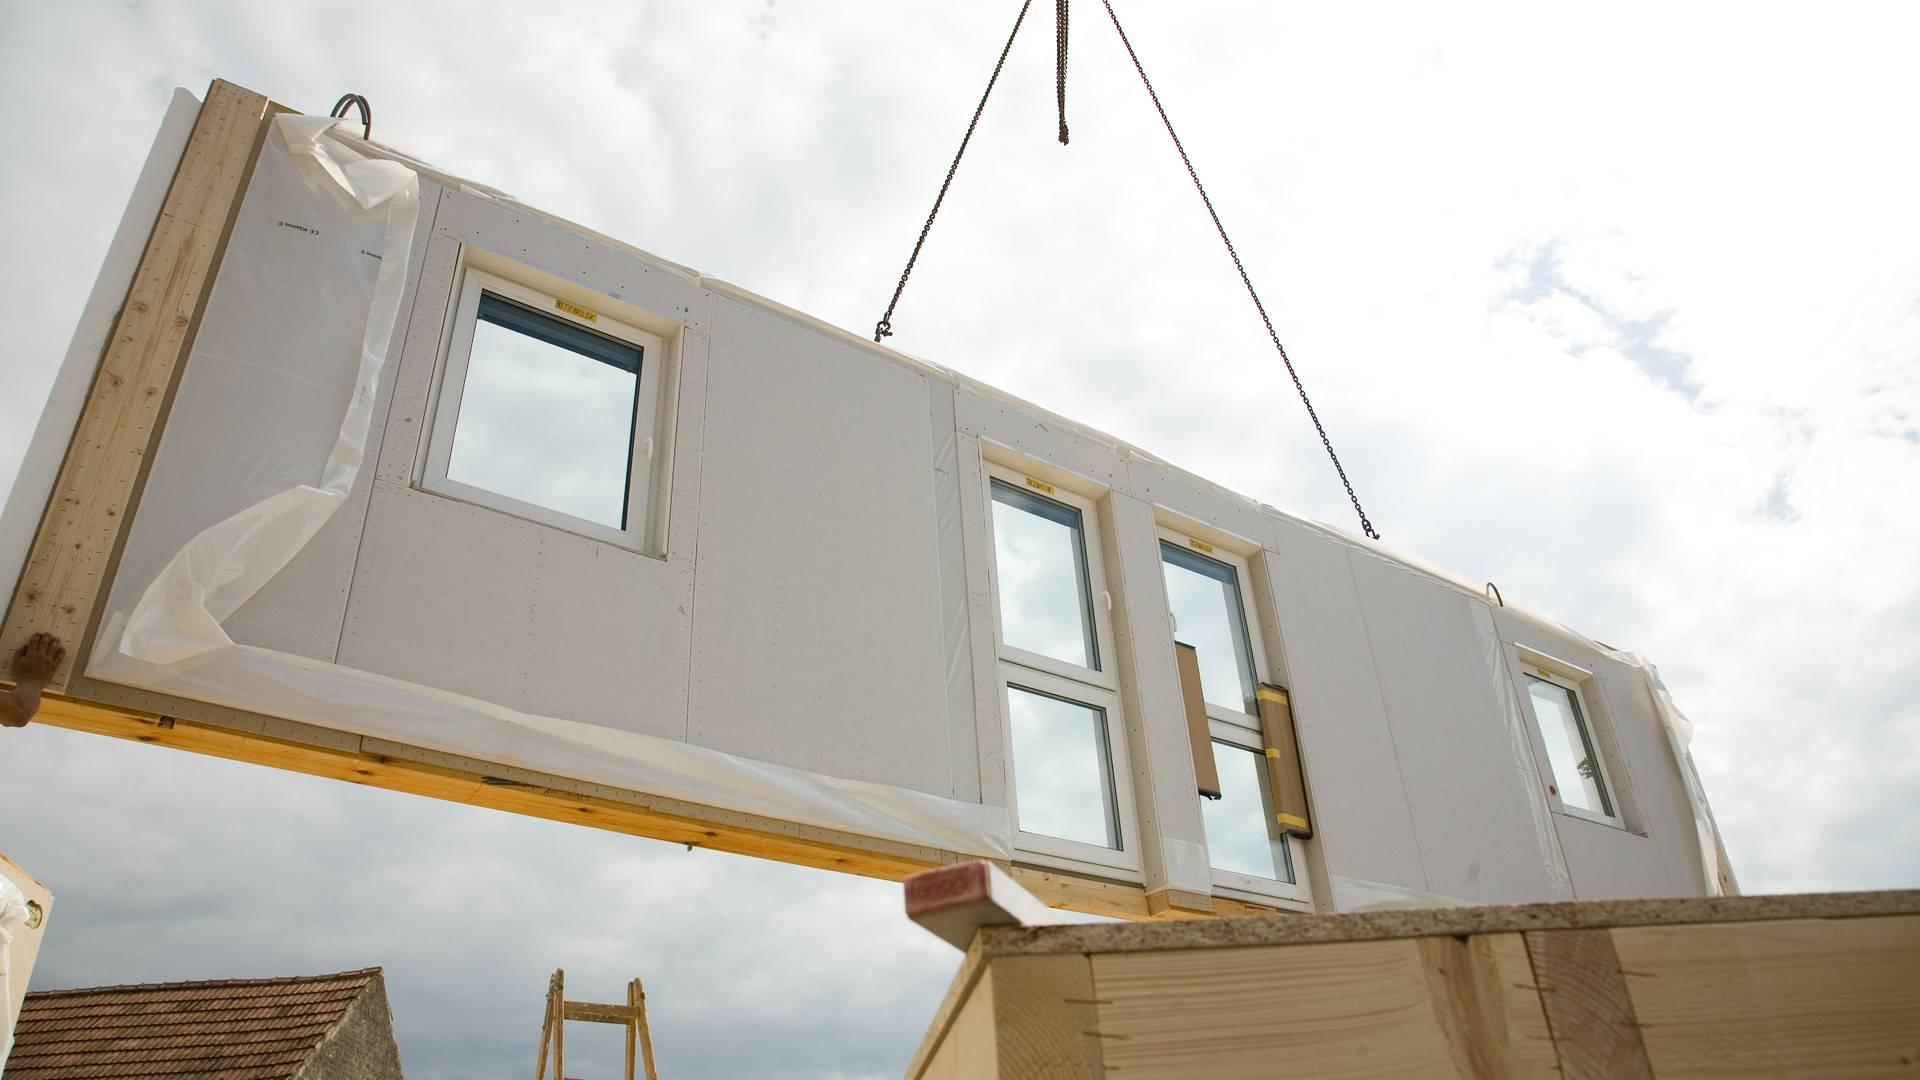 Fertigteilhaus beton  Fertighaus bauen im Winter - Alle Infos und Tipps